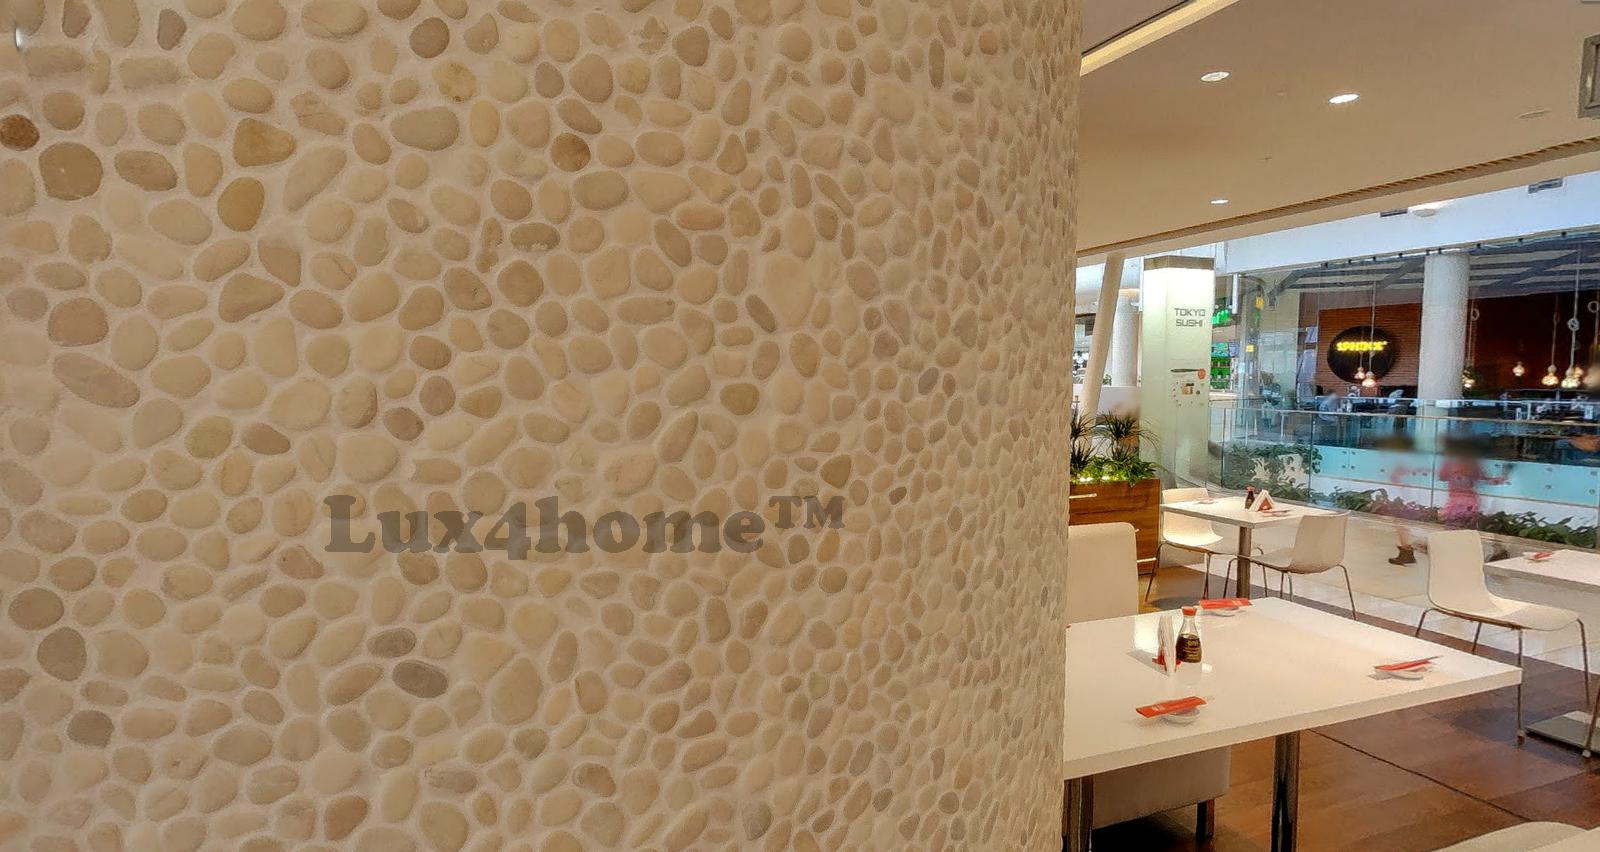 Pebble-mosaics-Lux4home (2)